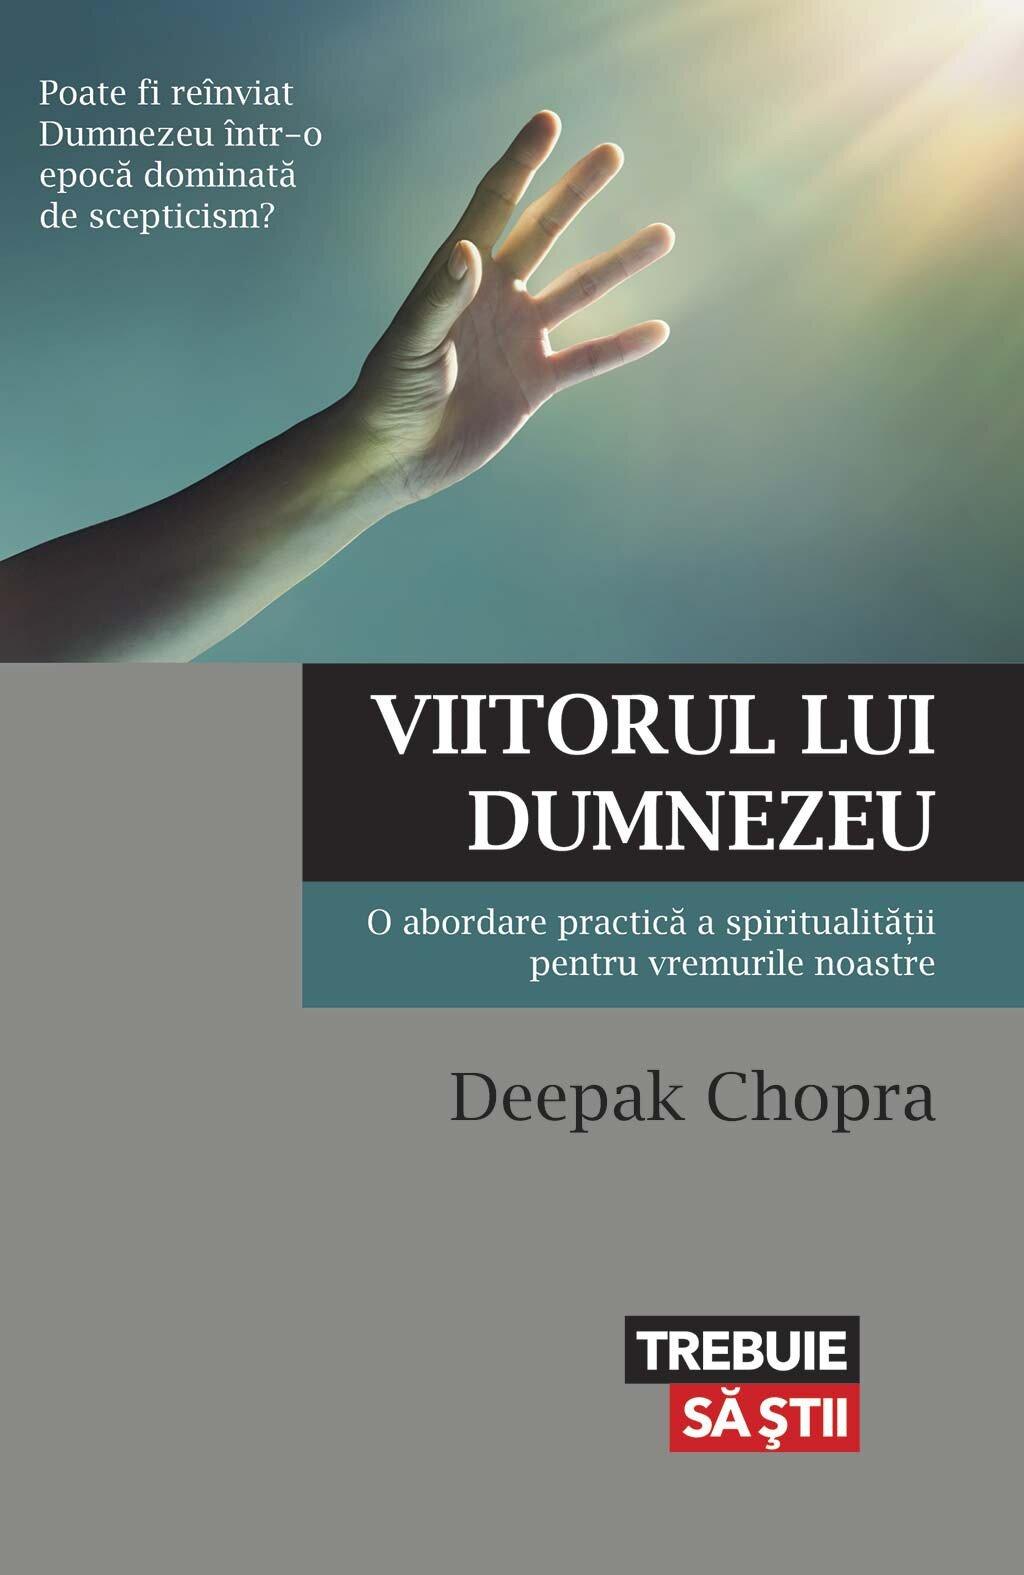 Viitorul lui Dumnezeu. O abordare practica a spiritualitatii pentru vremurile noastre (eBook)